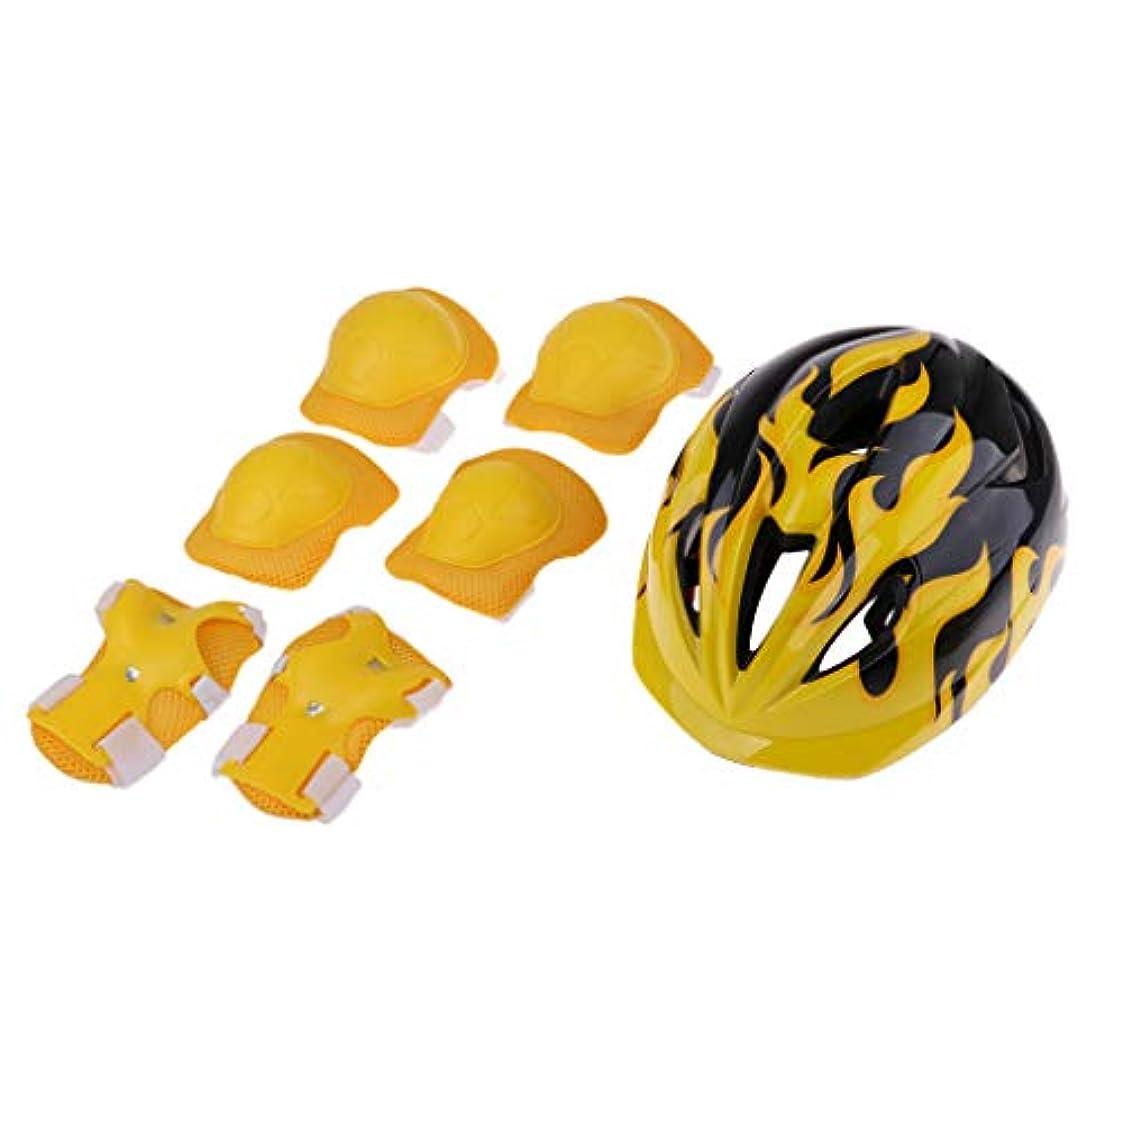 分析的なリズム不安定なFLAMEER 子供 ヘルメット 男女用 肘/膝/手首パッド プロテクター 保護ギア 衝撃軽減 通気性 2サイズ